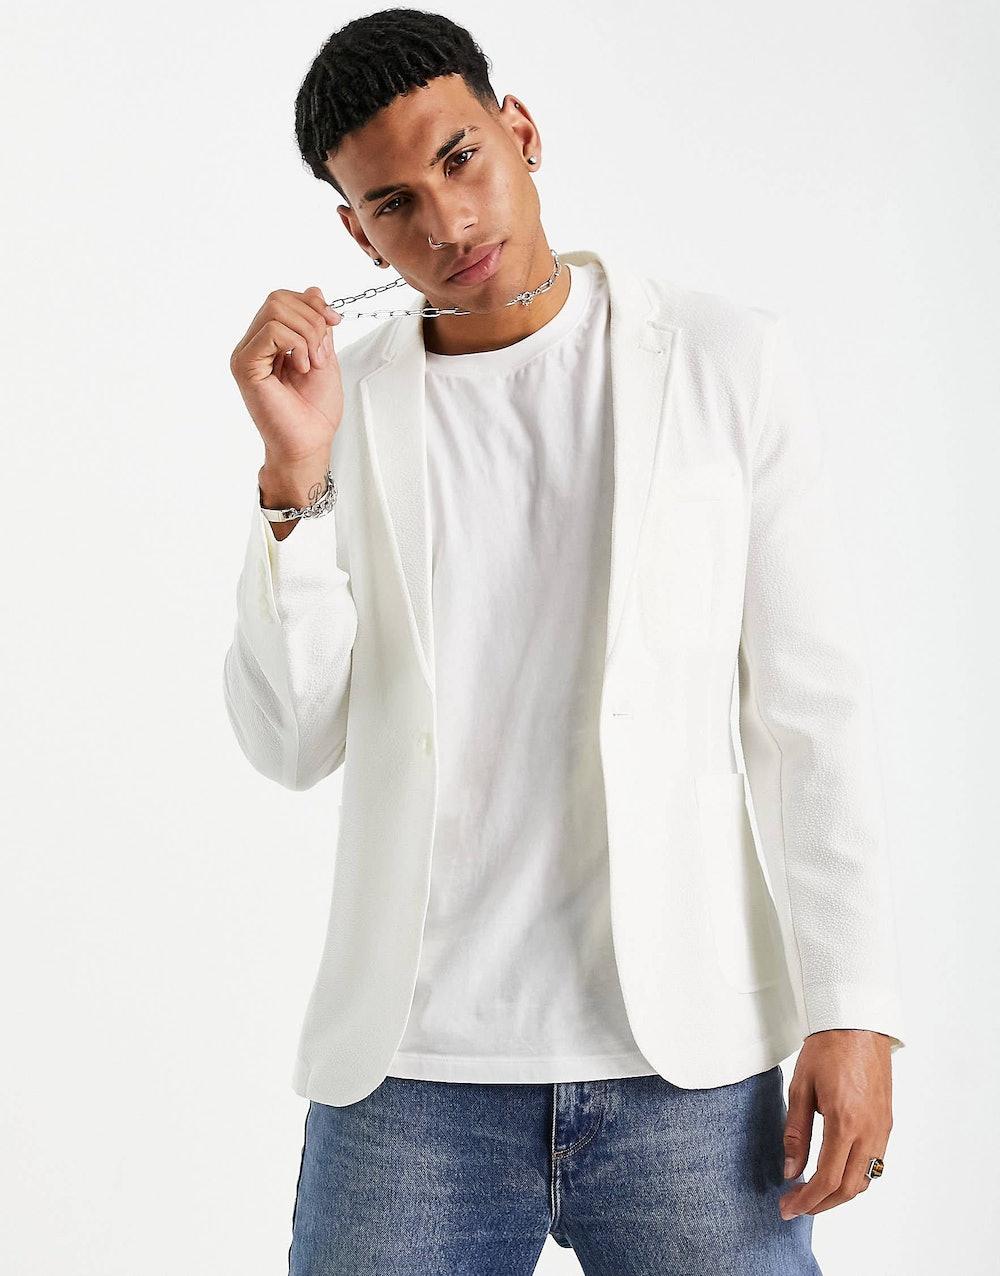 Soft Tailored Super Skinny Blazer in White Seersucker